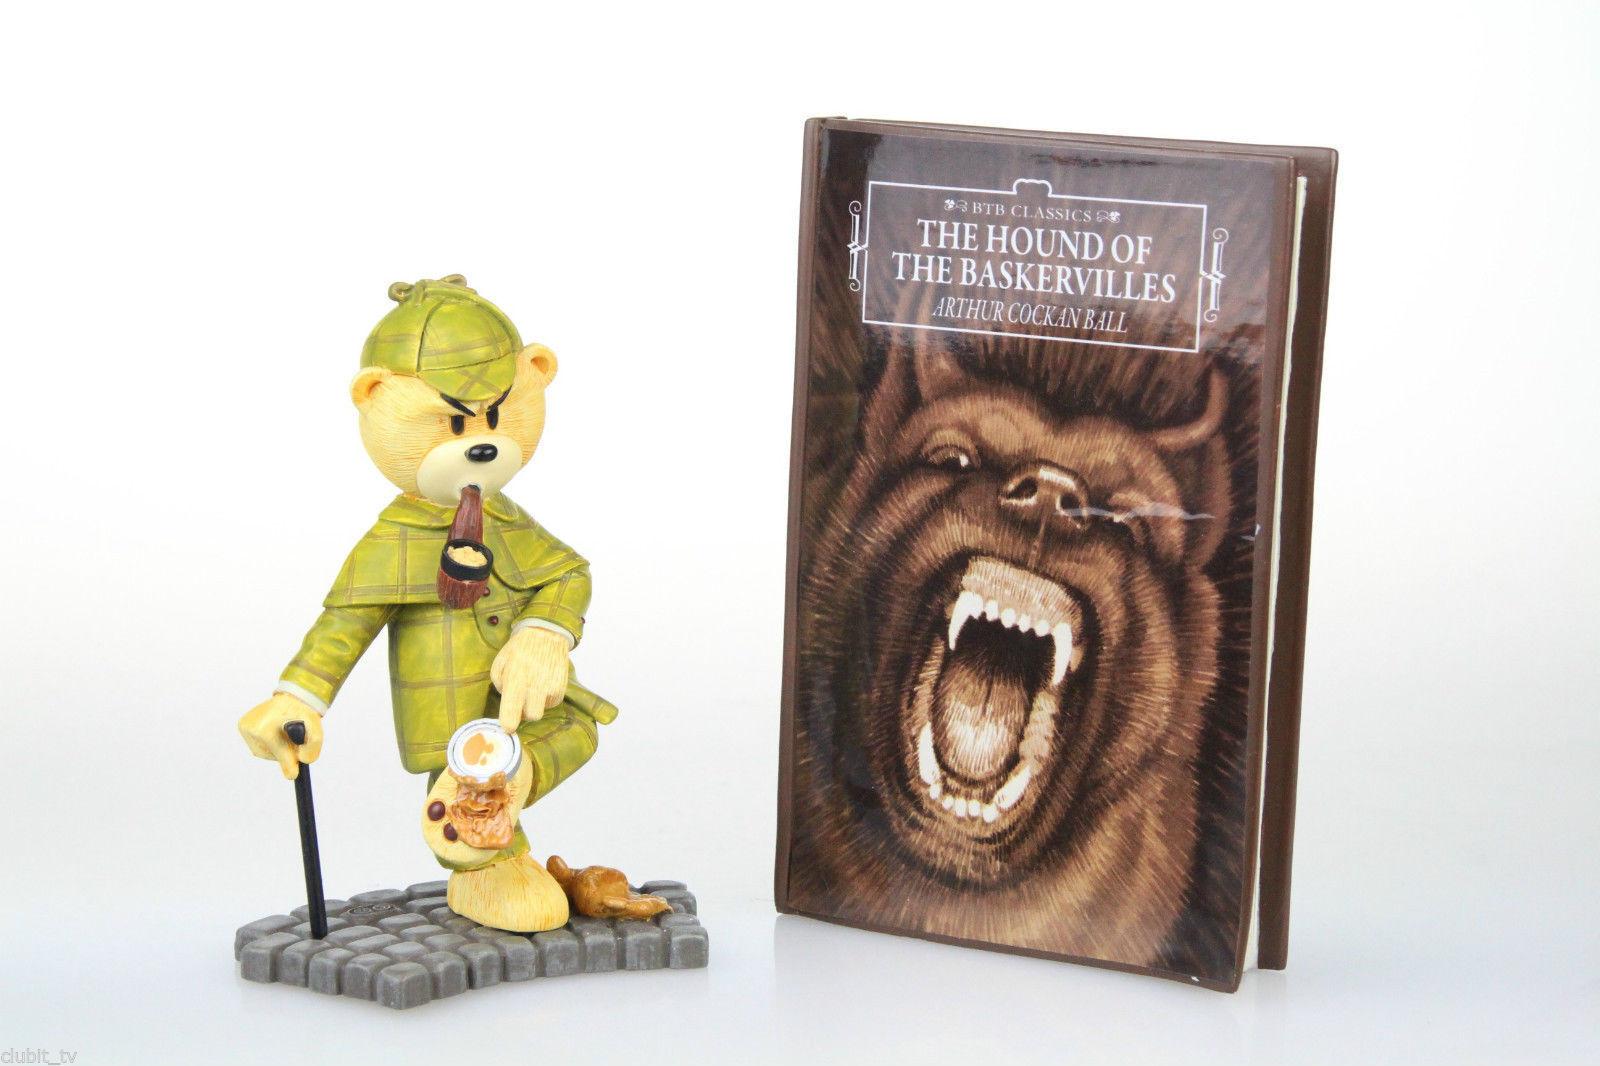 Sherlock Holmes Bad Taste Bears Sammlerstück Btb Btb Btb Bär Handbemalt Figürchen Neuer 88317f